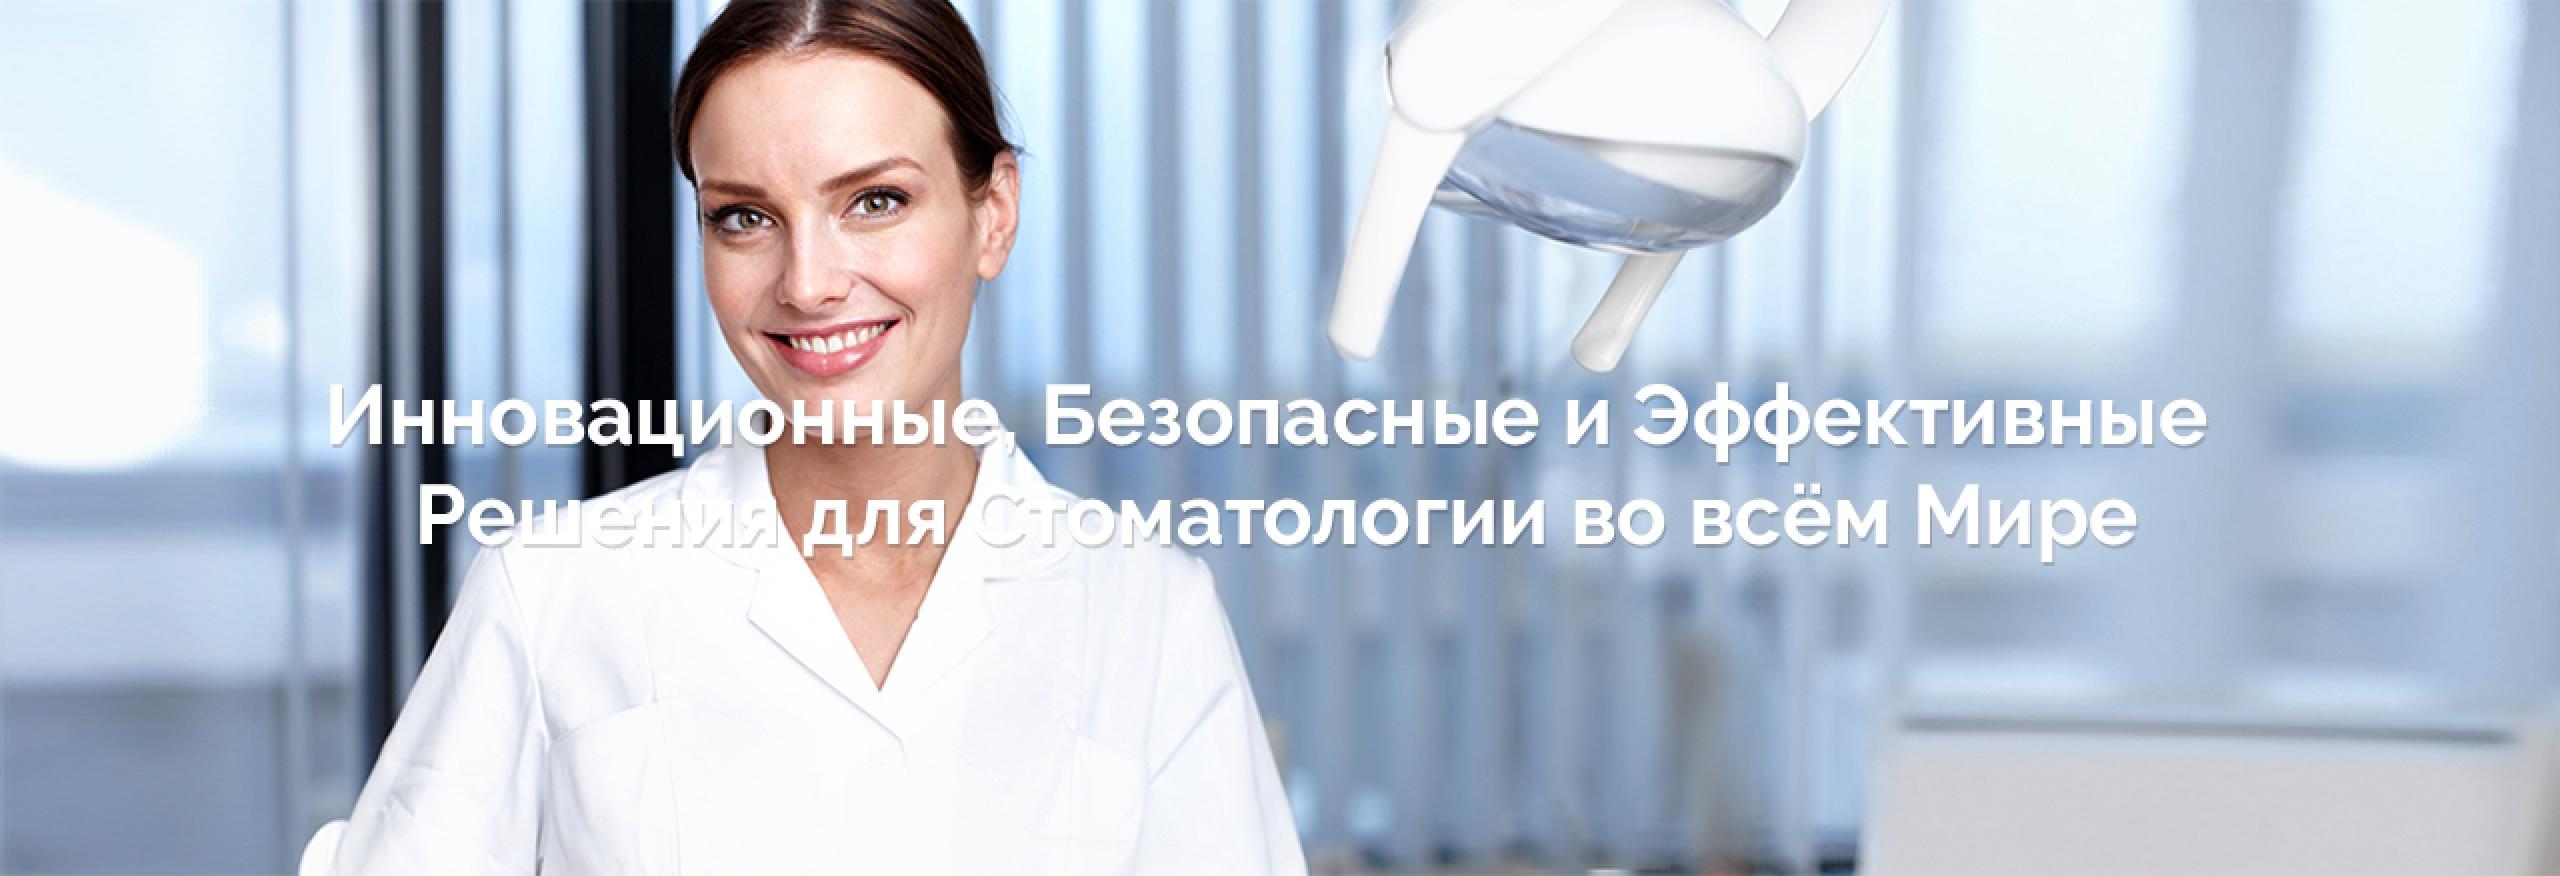 Инновационные, Безопасные и Эффективные Решения для Стоматологии во всём Мире